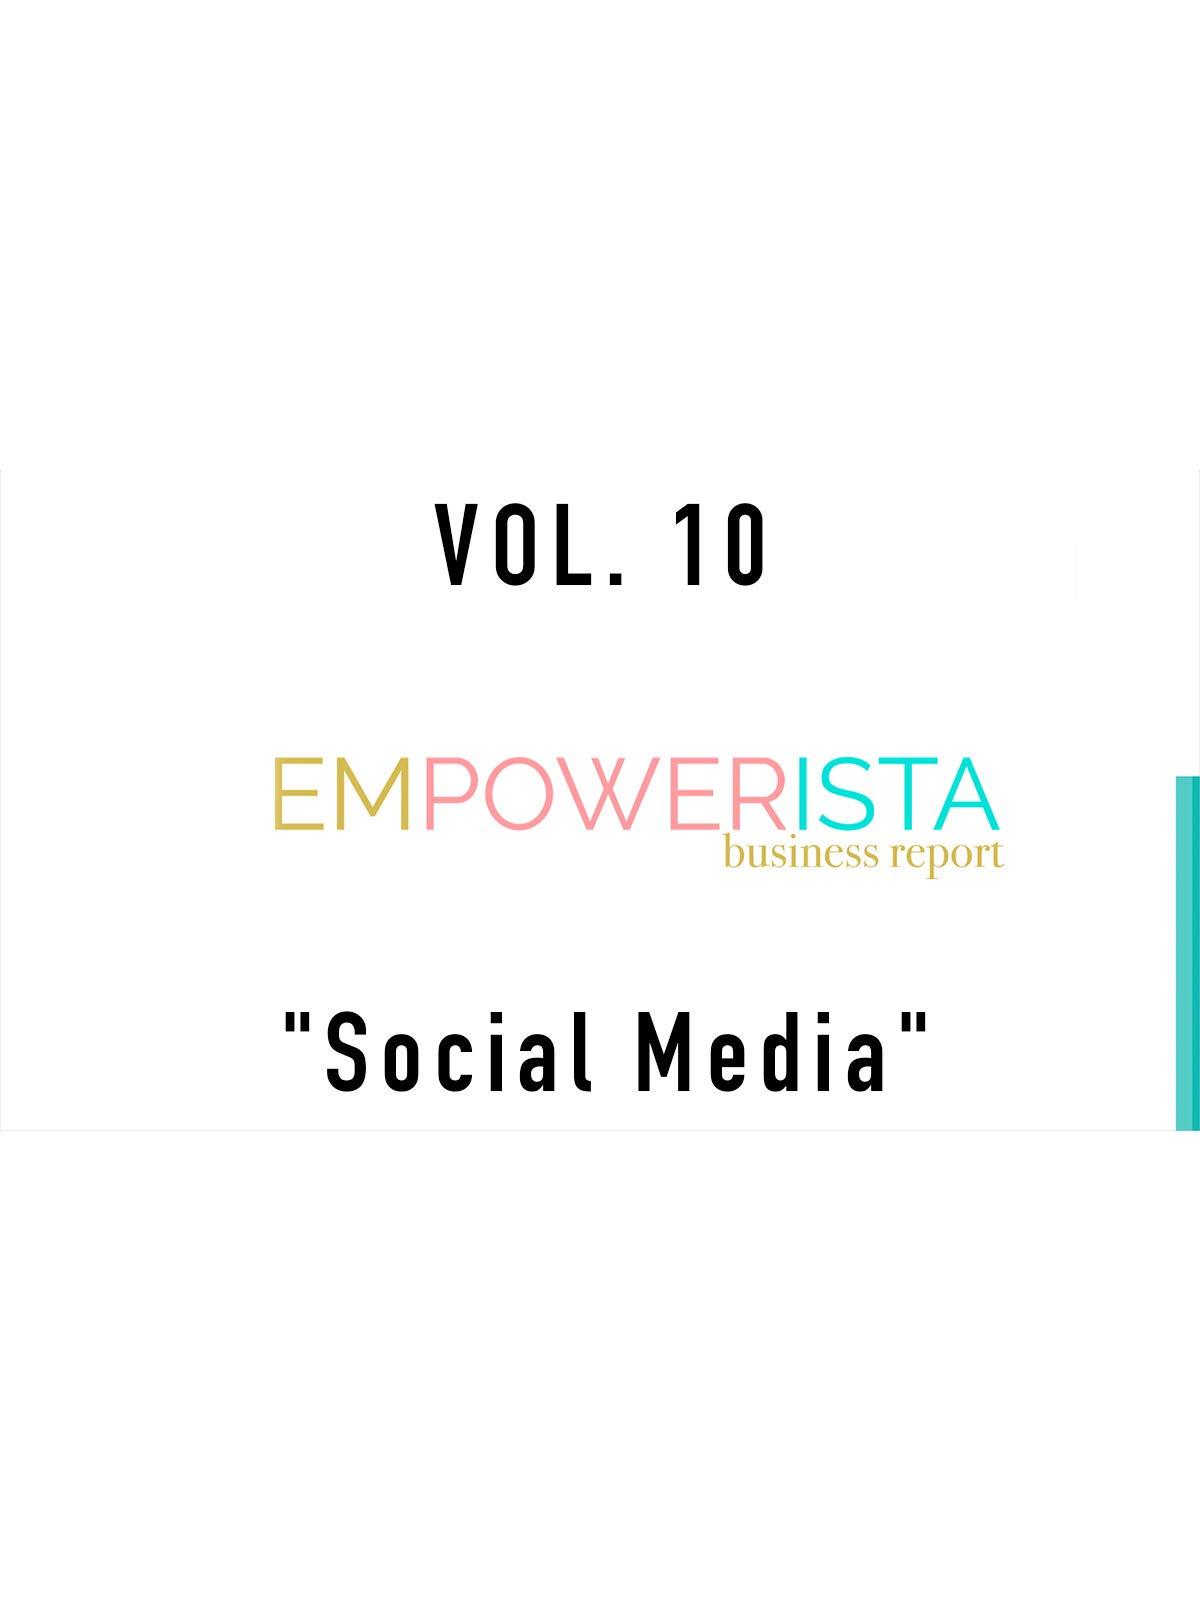 Empowerista Vol. 10